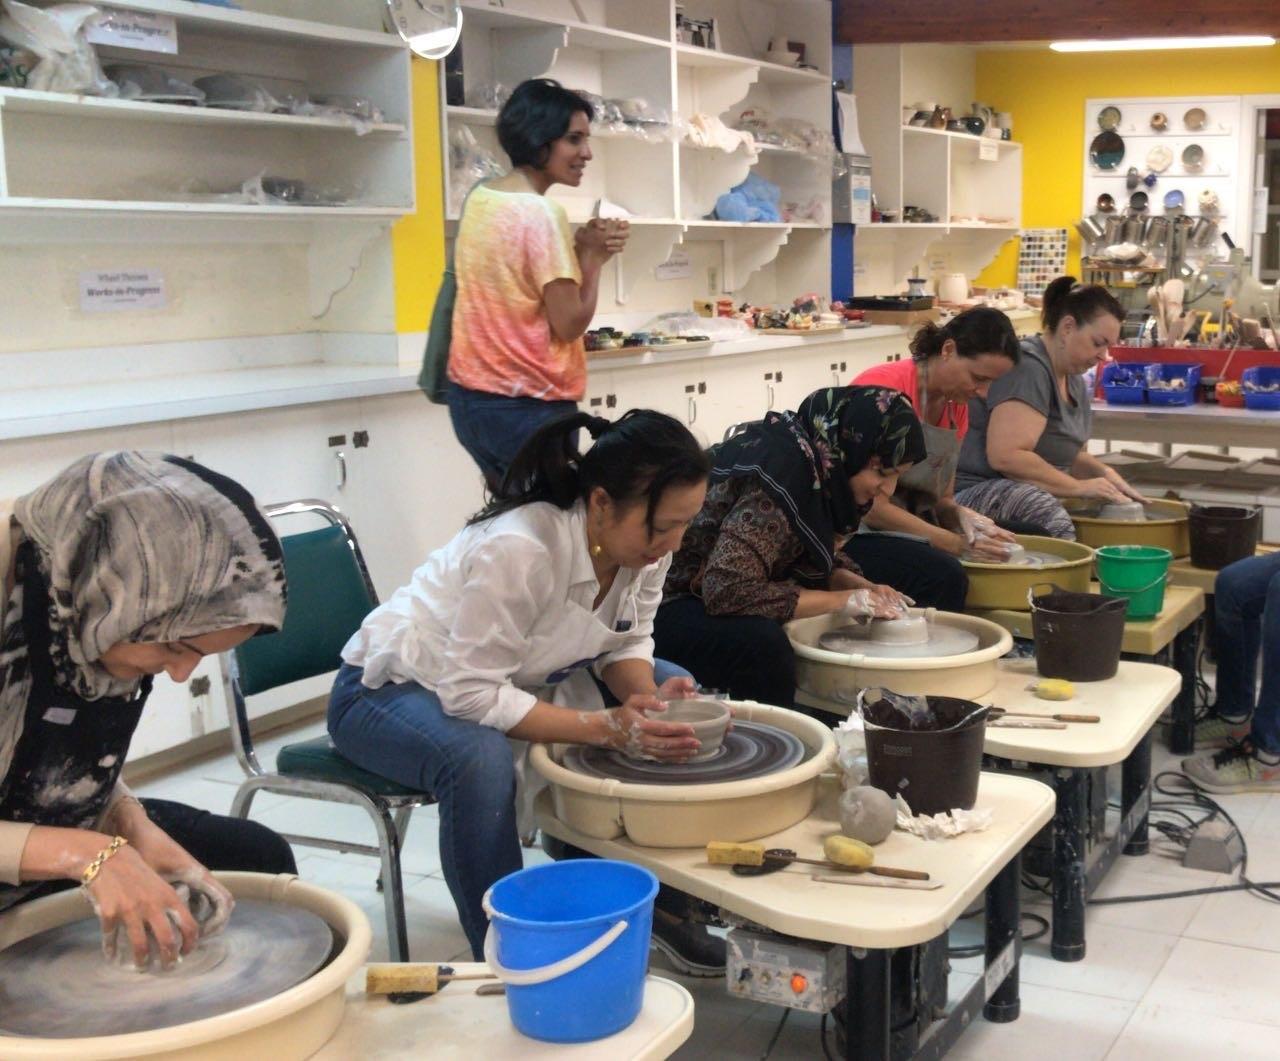 مشاركات في البرامج التدريبية لصناعة الخزف (اندبندنت عربية).jpg